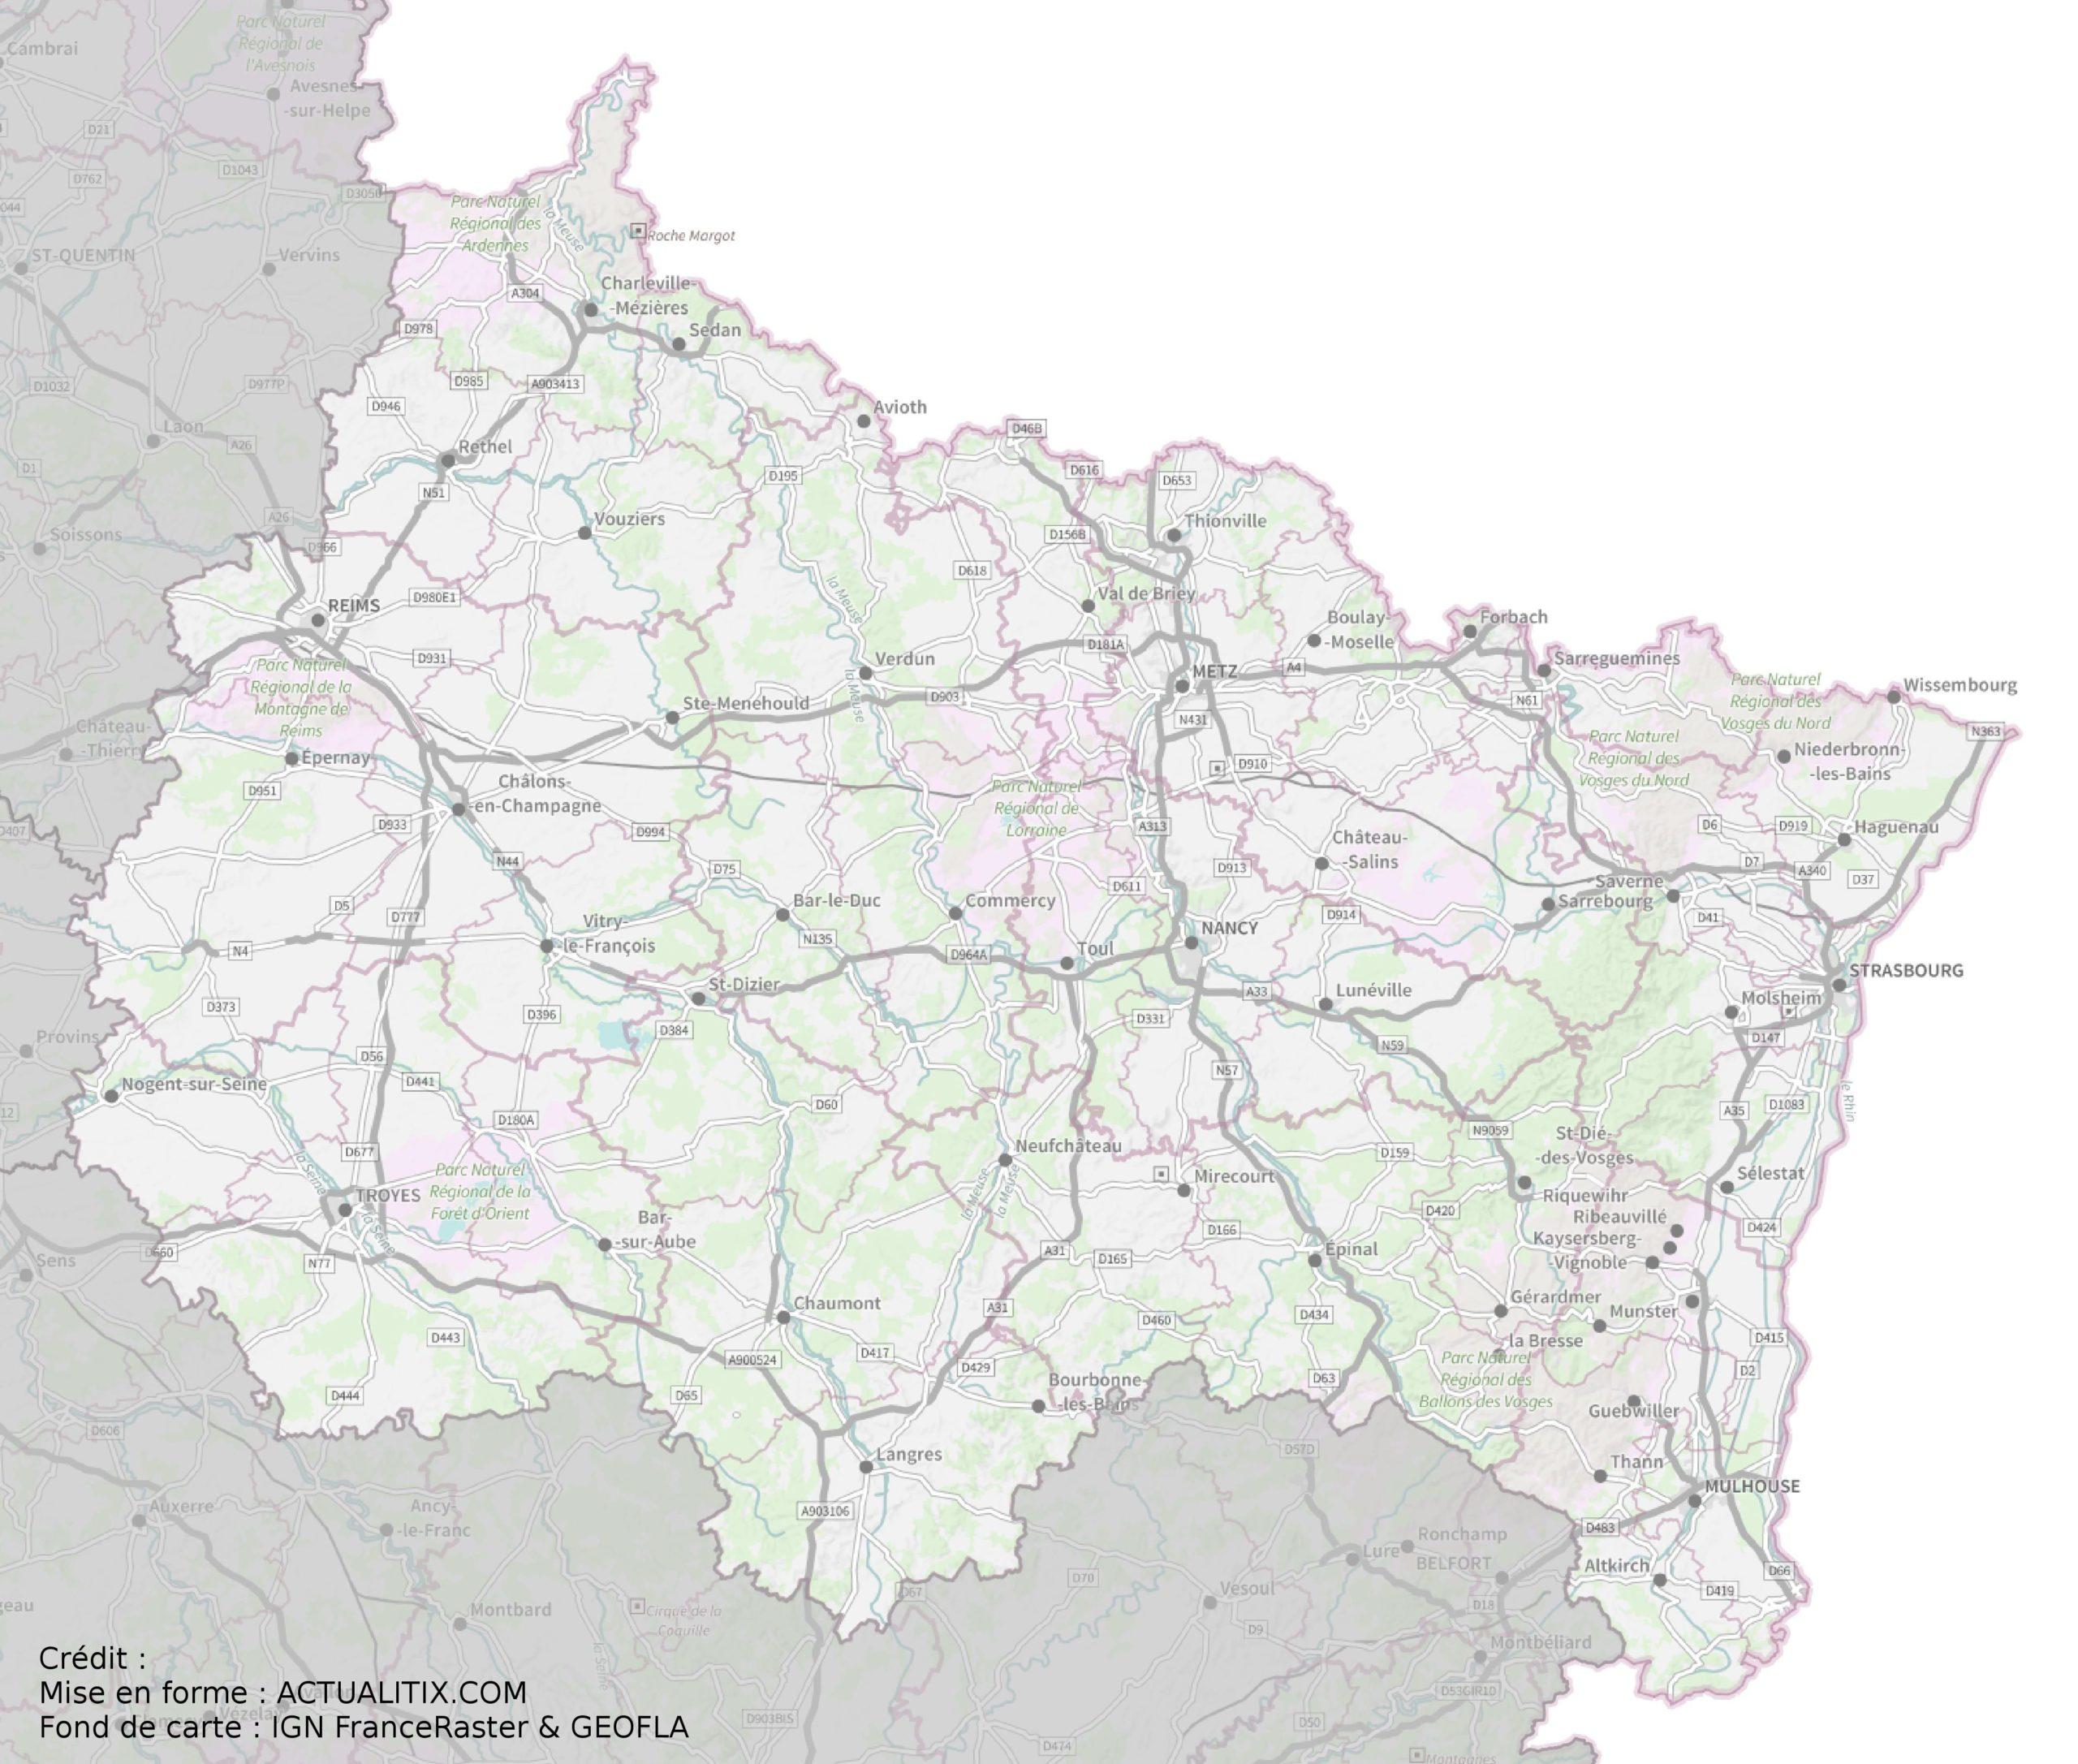 Carte Du Grand Est - Grand Est Carte Des Villes tout Carte De France Vierge Nouvelles Régions